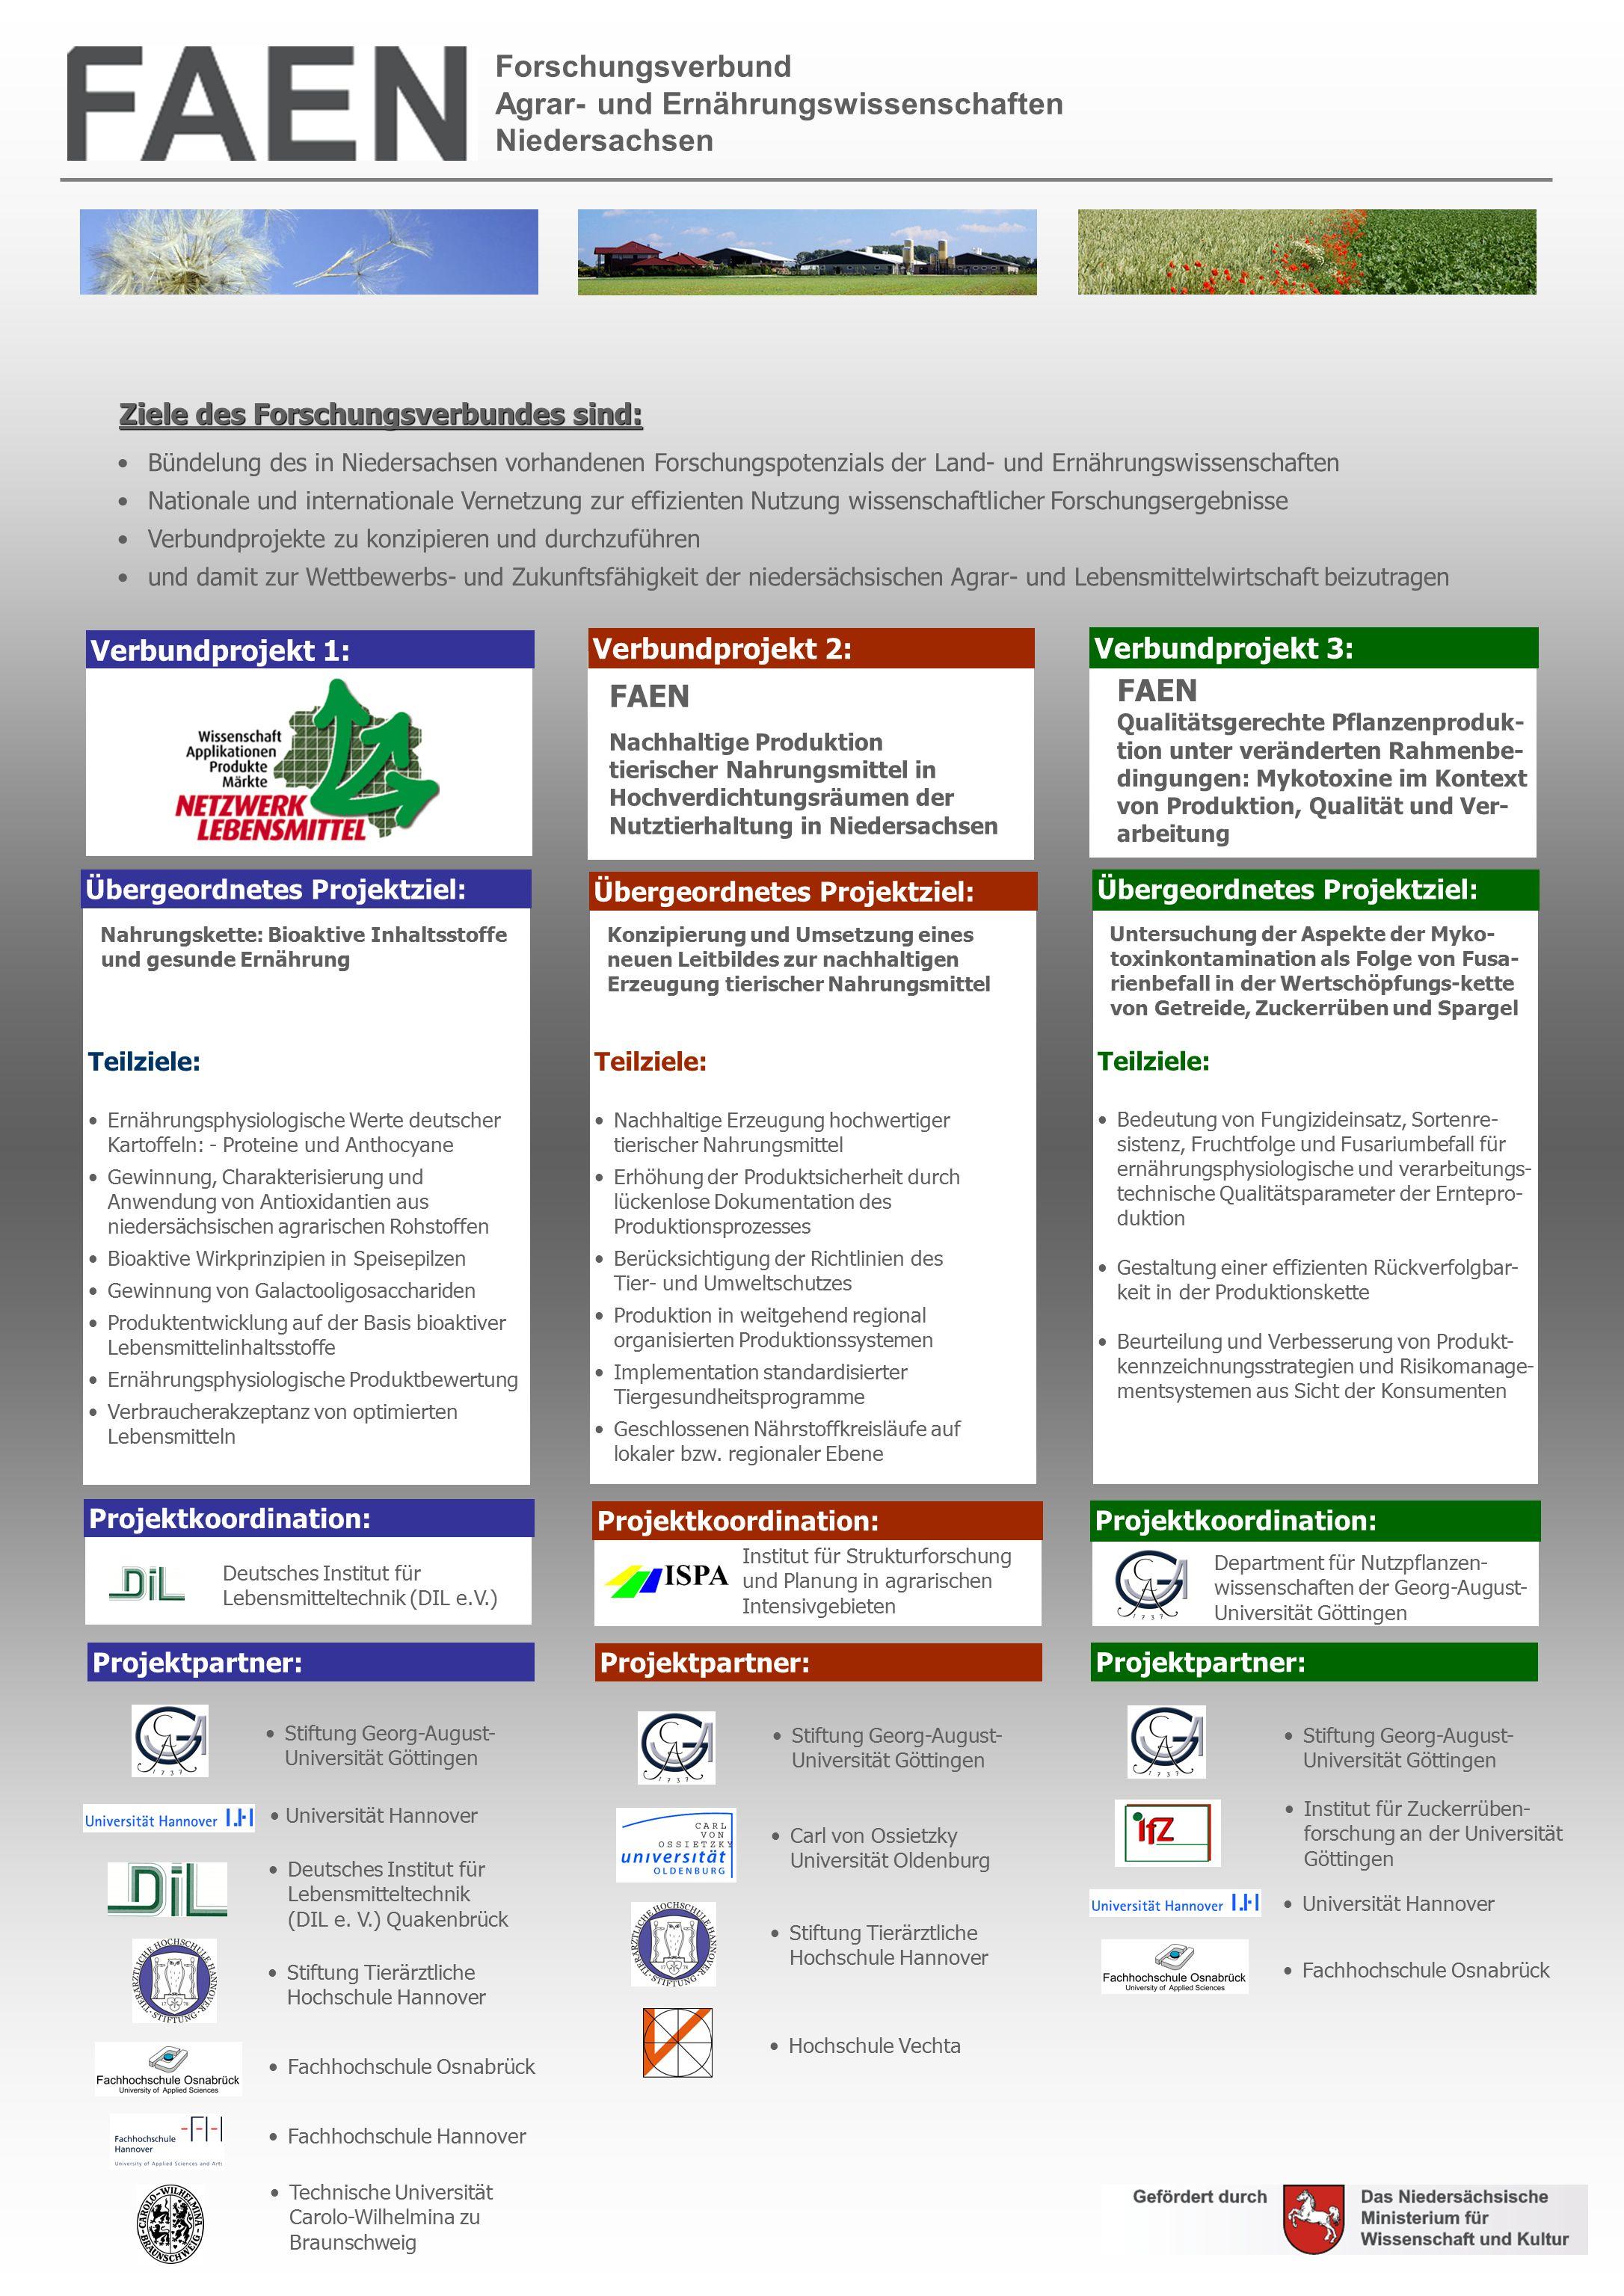 Ziele des Forschungsverbundes sind: Bündelung des in Niedersachsen vorhandenen Forschungspotenzials der Land- und Ernährungswissenschaften Nationale u